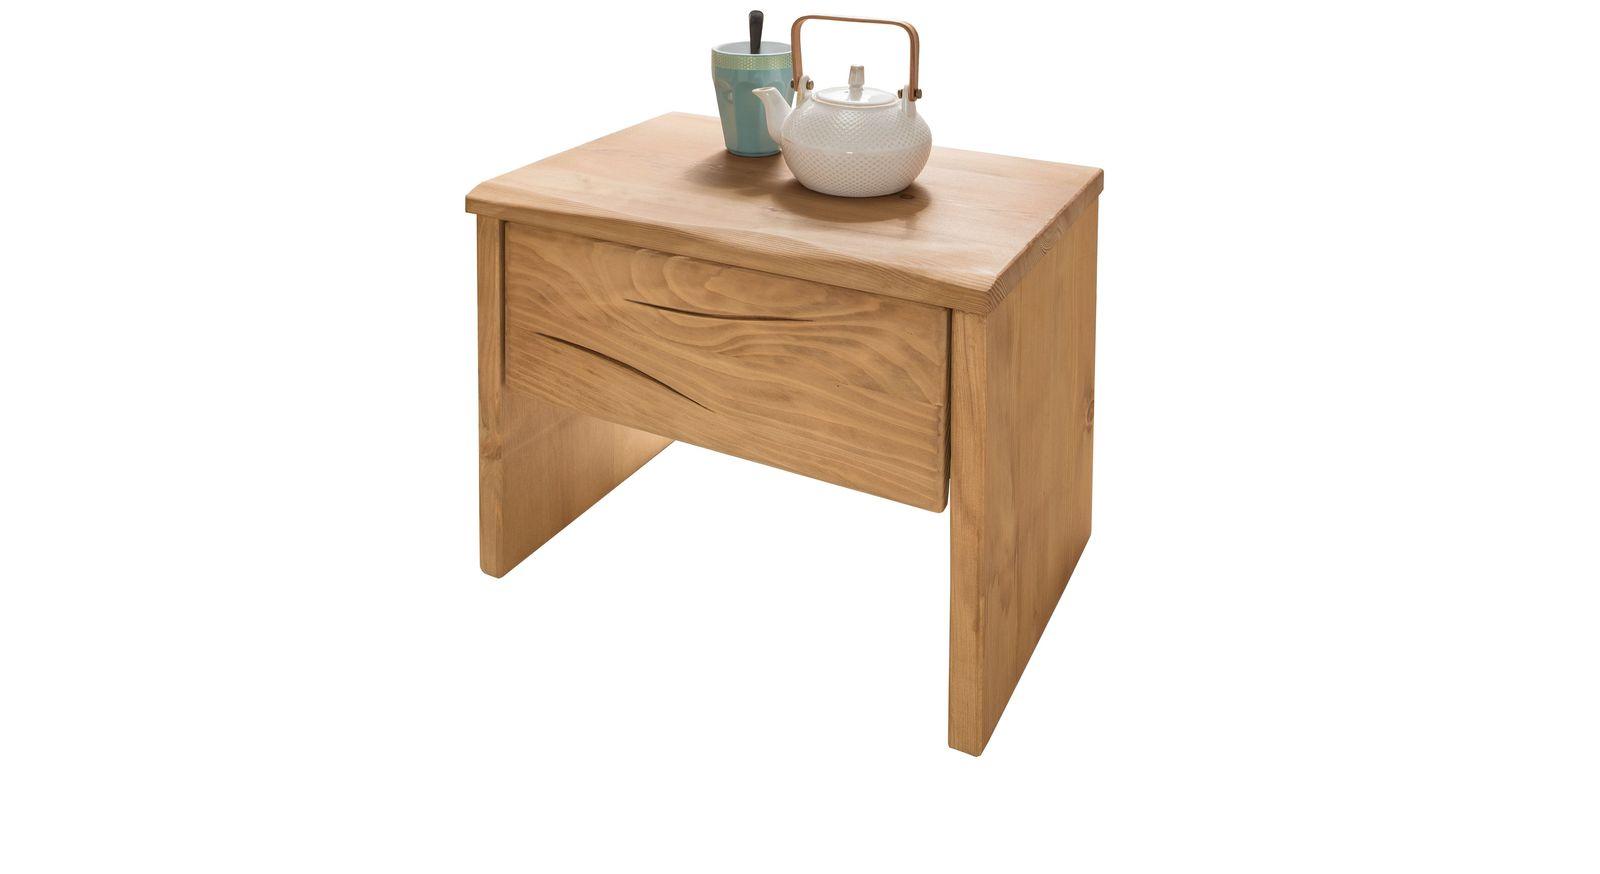 Nachttisch aus geöltem Fichtenholz mit praktischen Stauraum